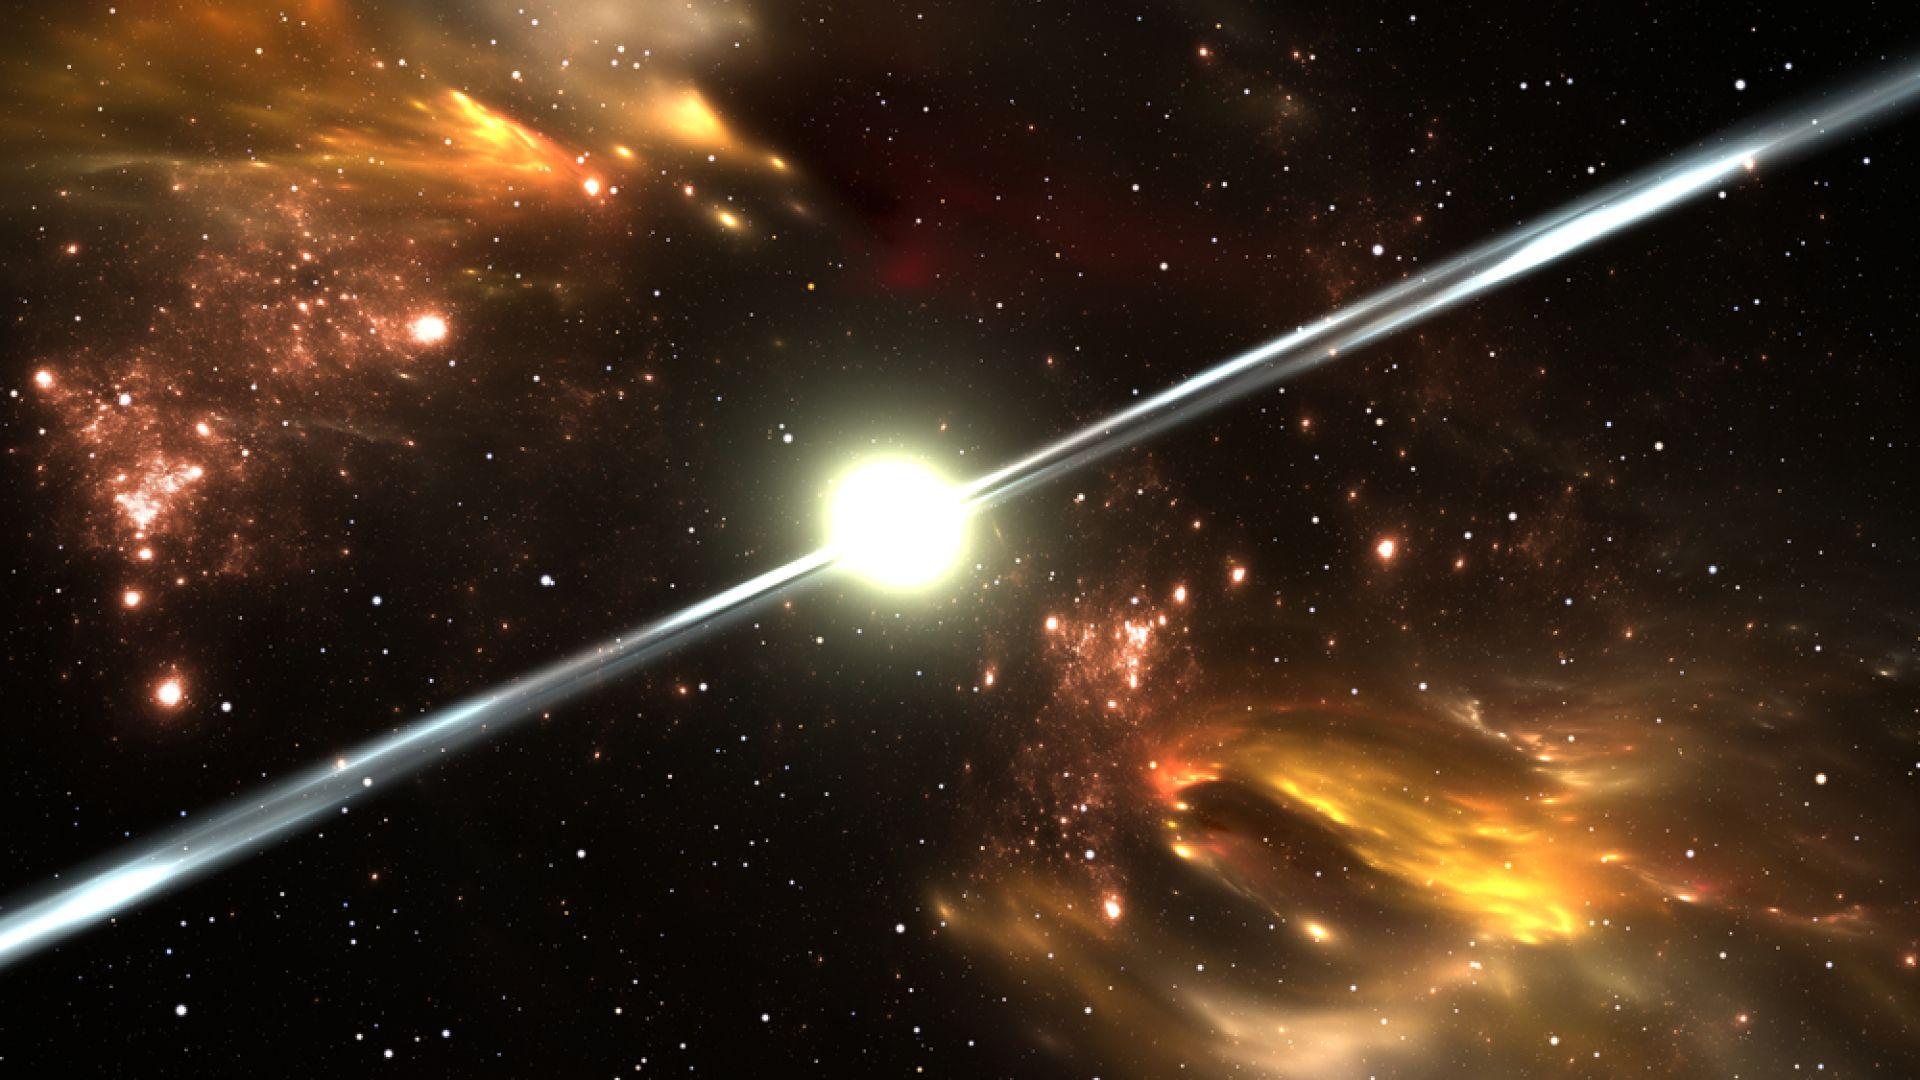 Откриха звезда, опровергаваща законите на физиката